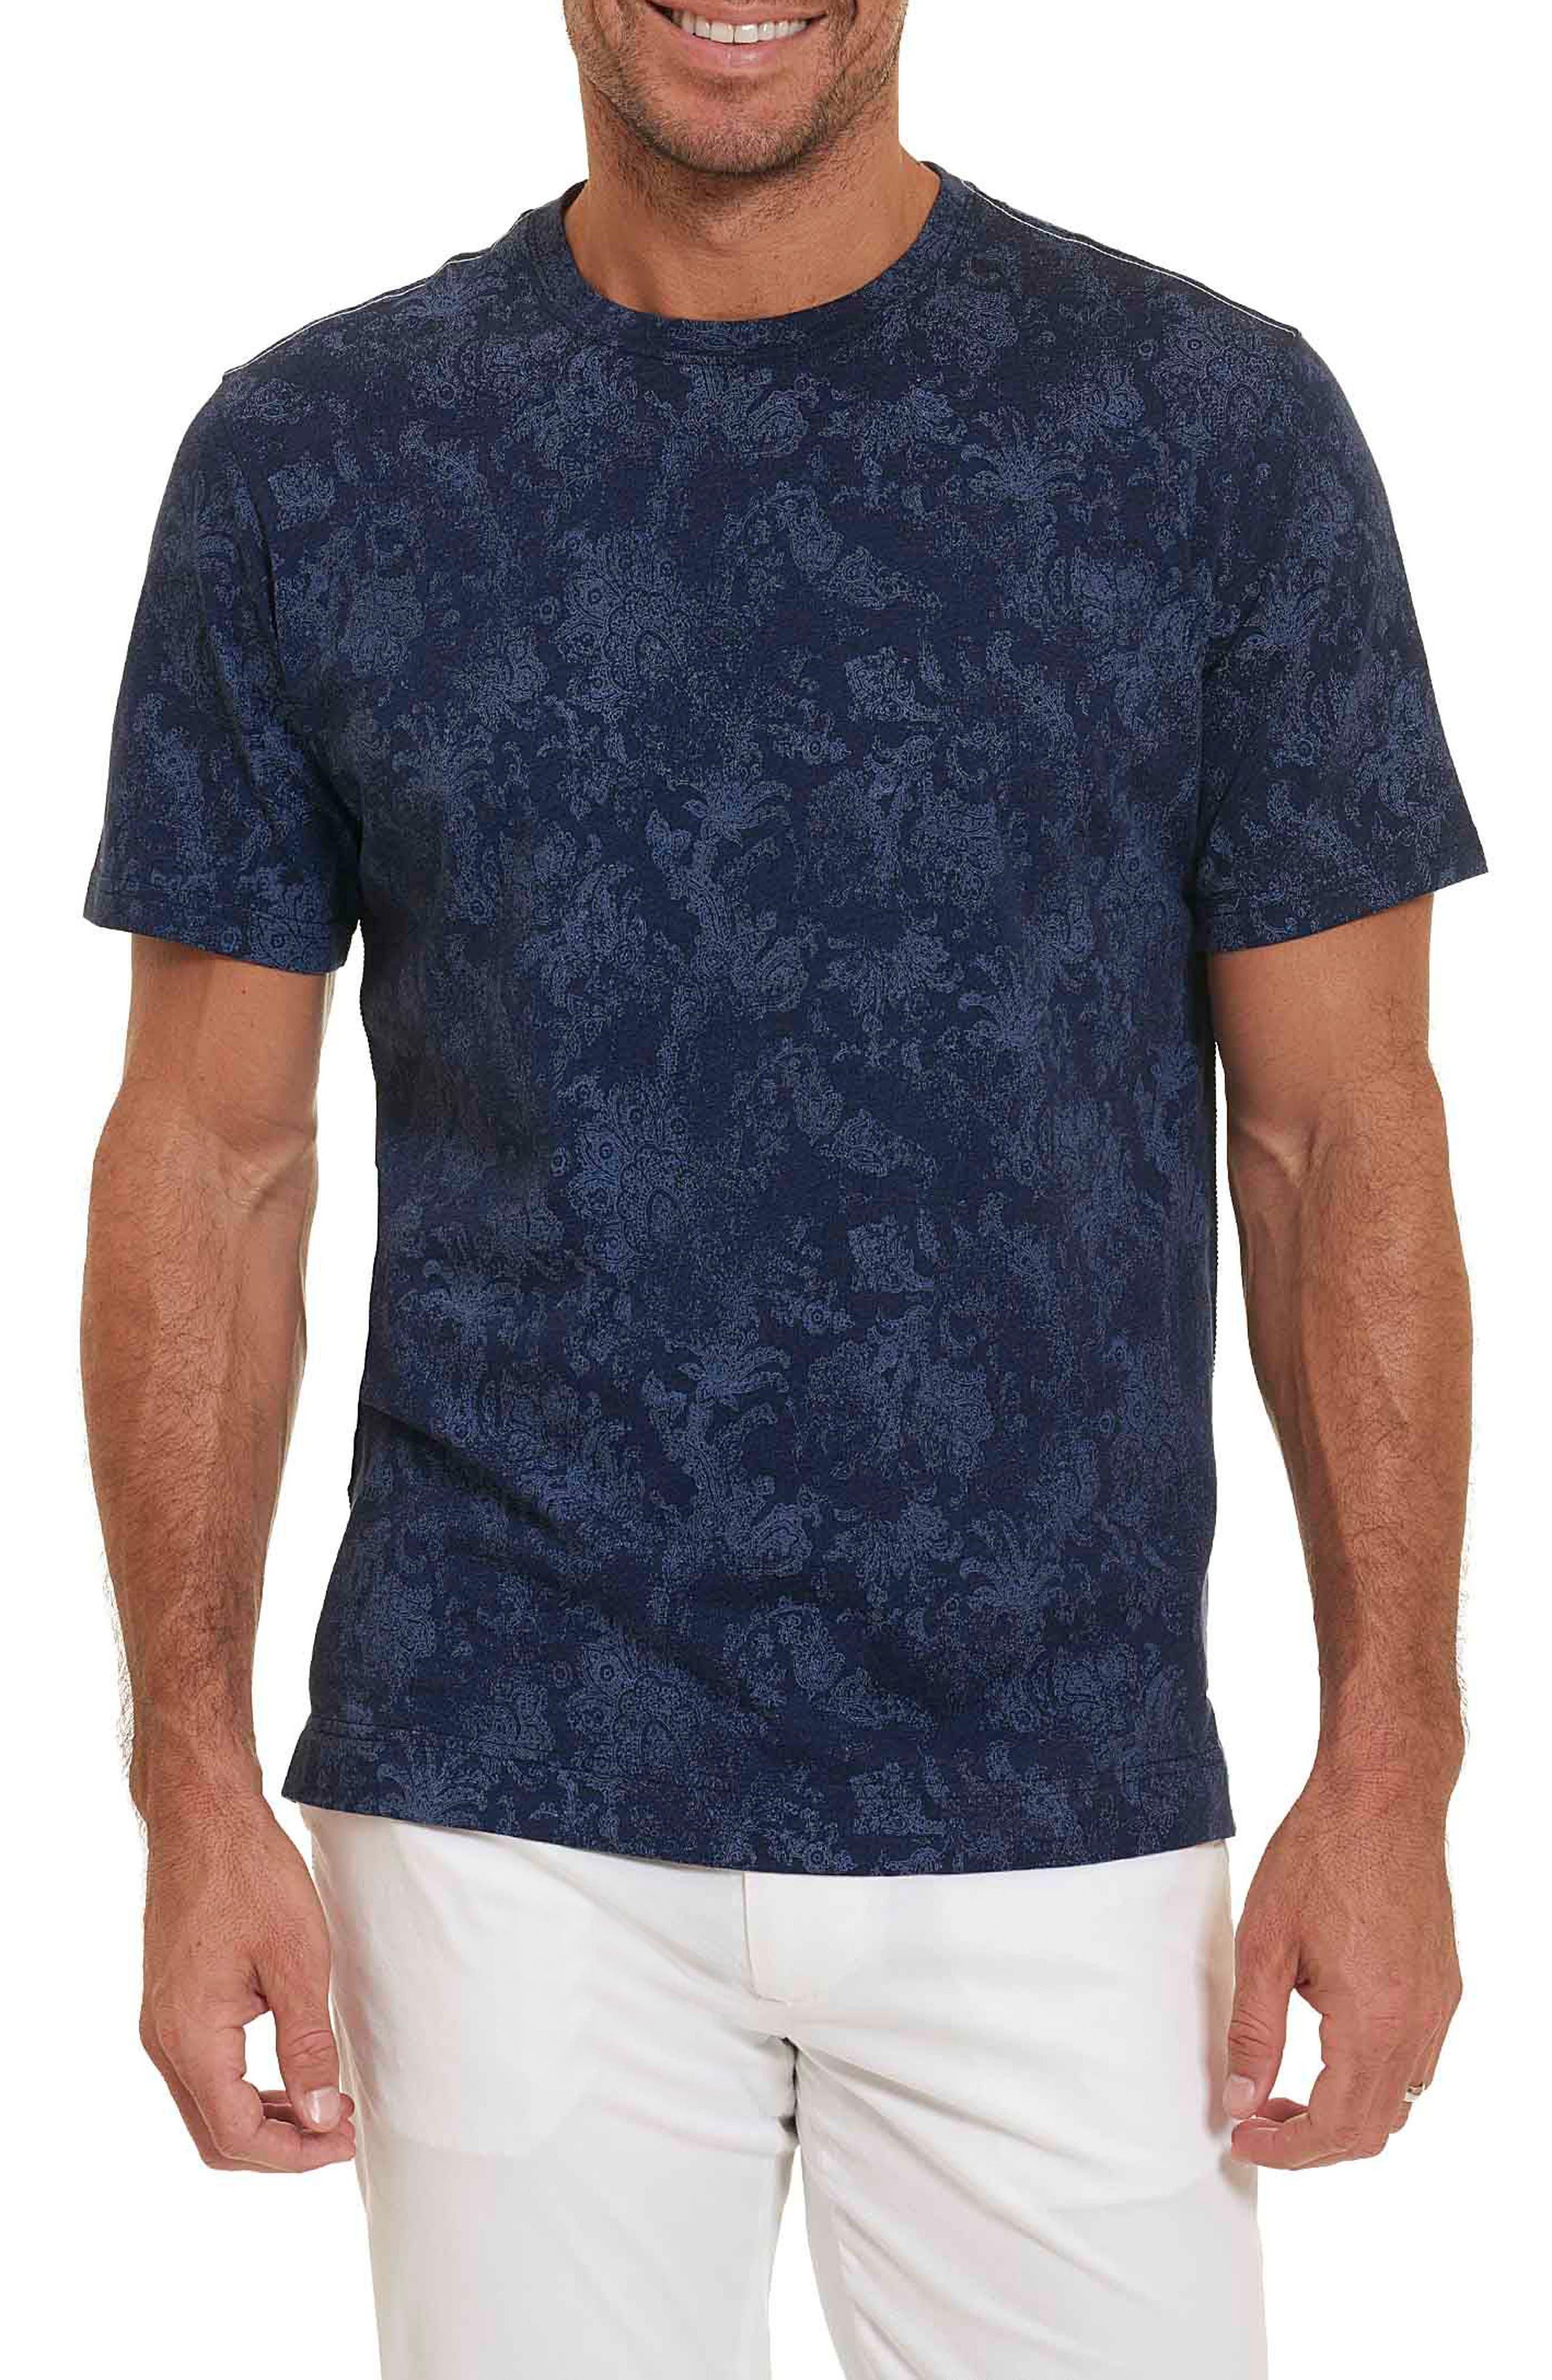 Rosemead Print T-Shirt,                             Main thumbnail 1, color,                             479